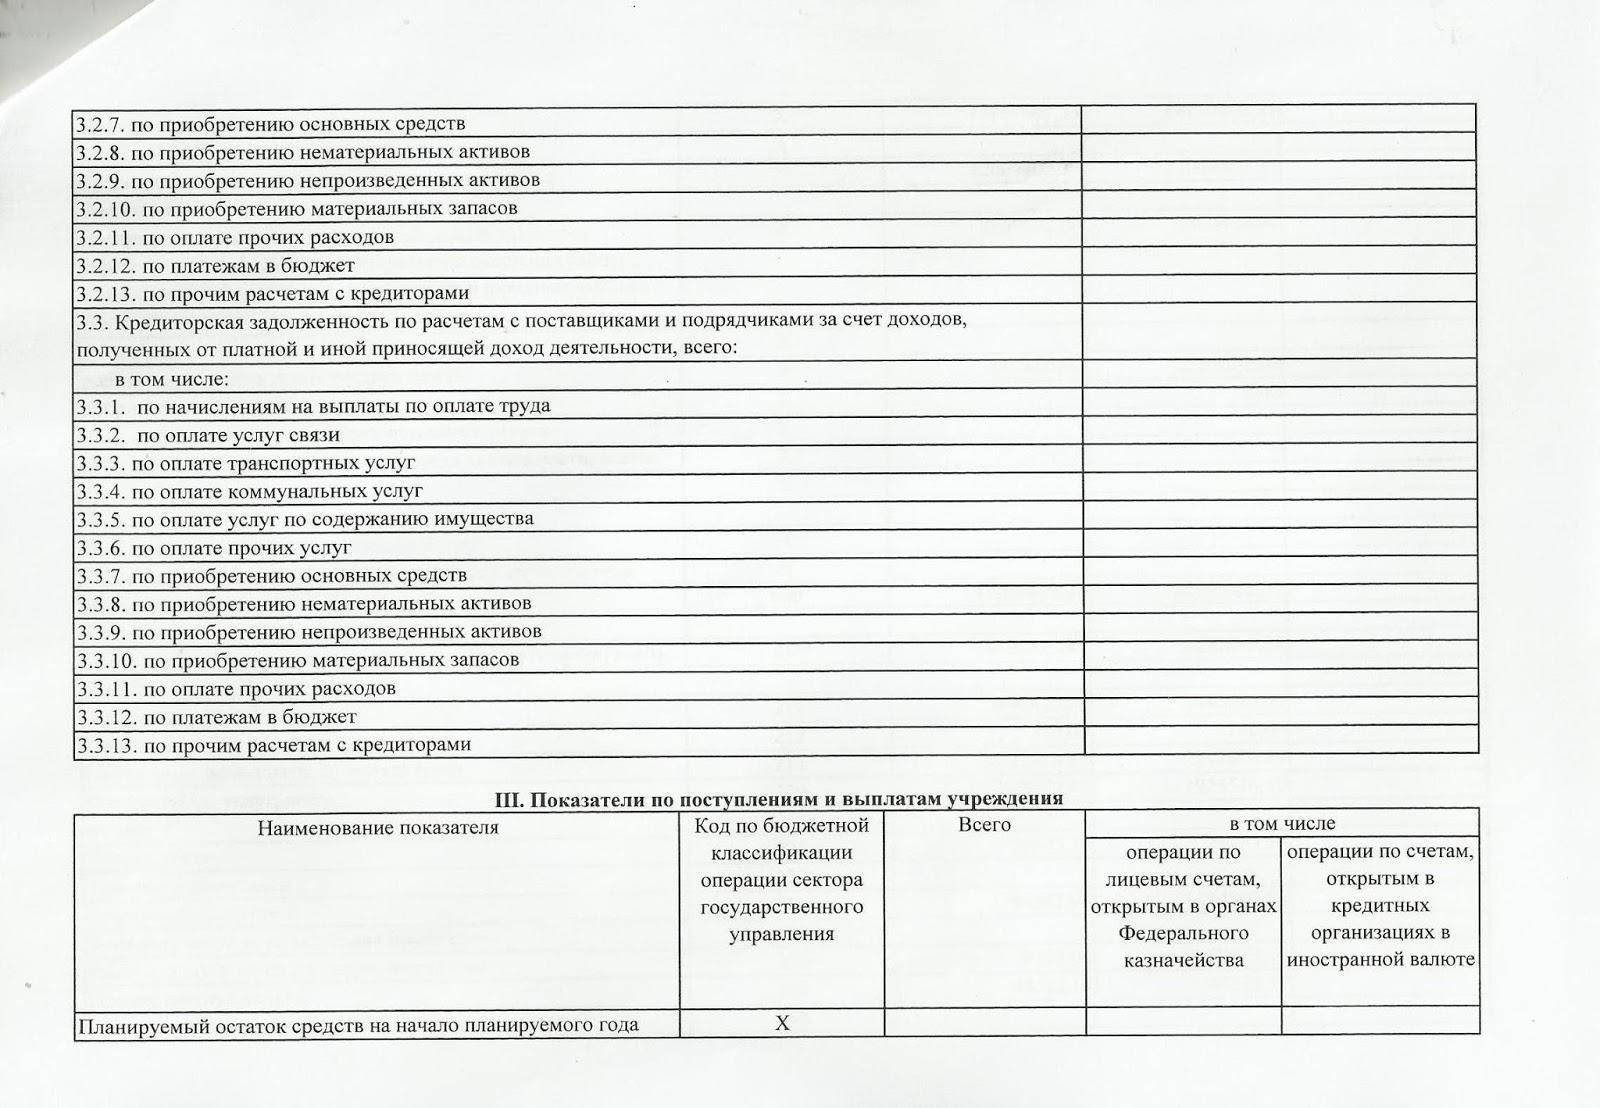 план финансово хозяйственной деятельности образец